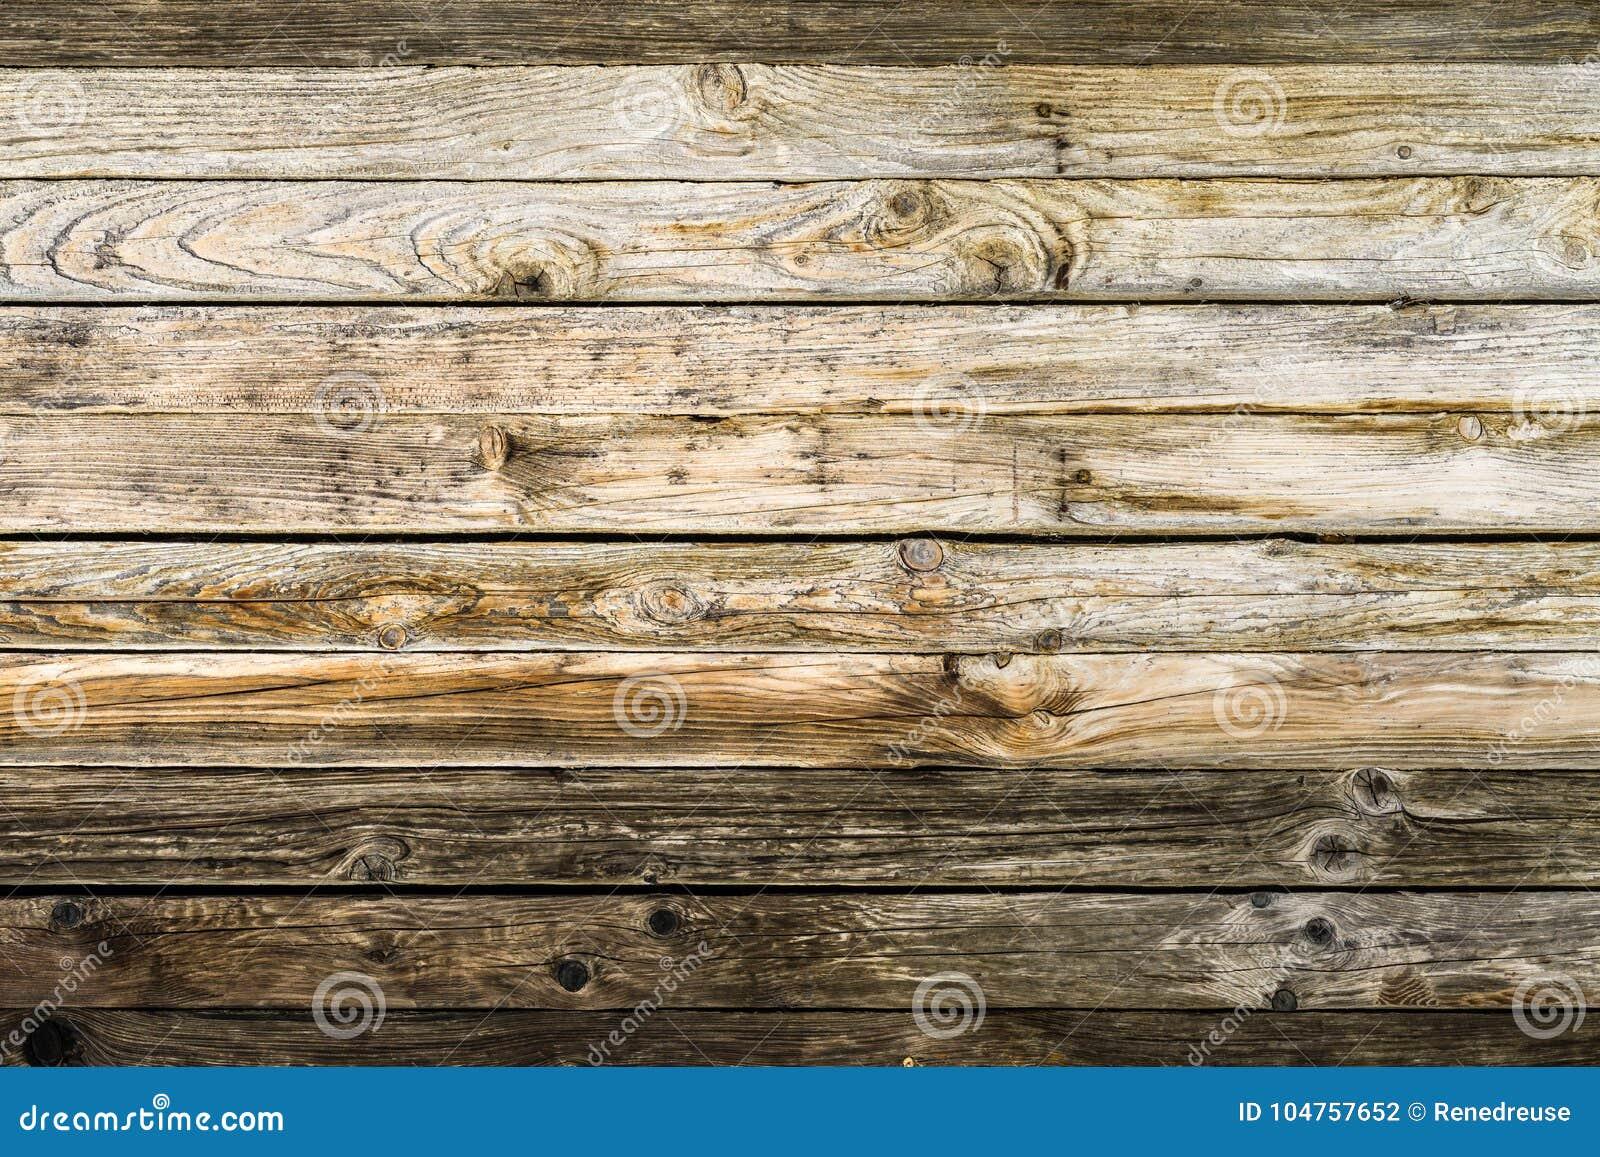 Mooie Houten Plank Voor Aan De Muur.Oude Natuurlijke Bruine Schuur Houten Muur Houten Geweven Patroon